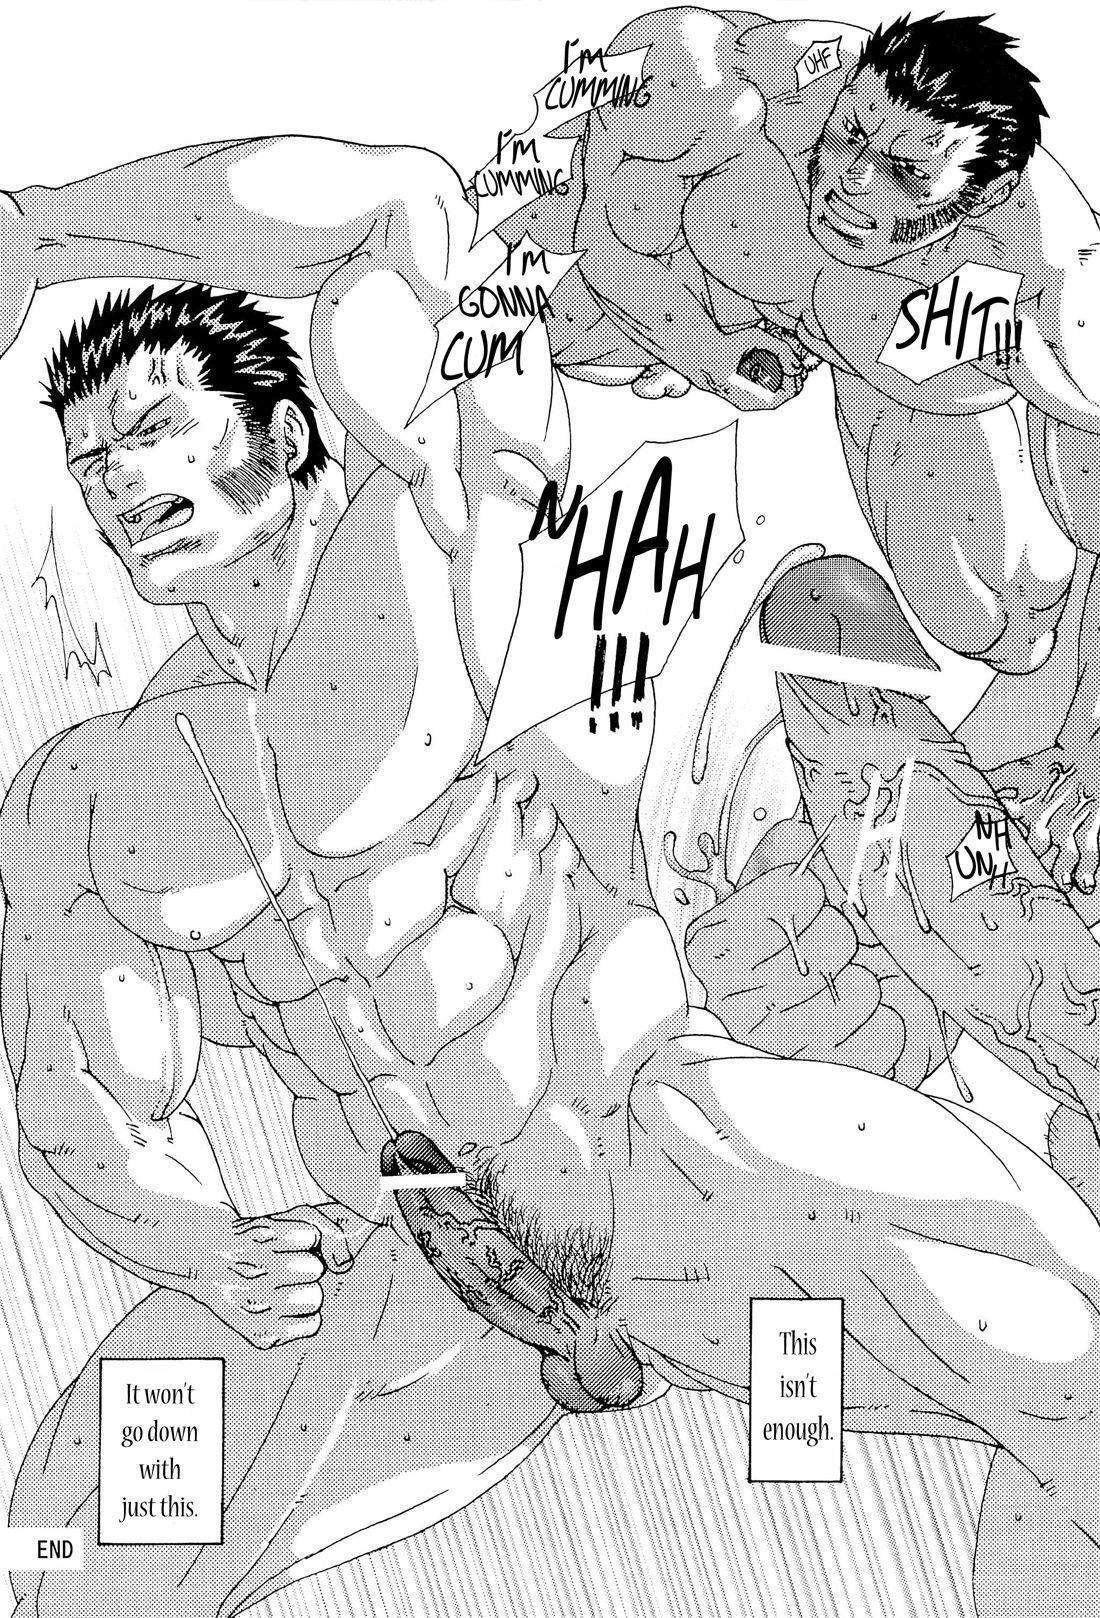 Peel the Foreskin 4